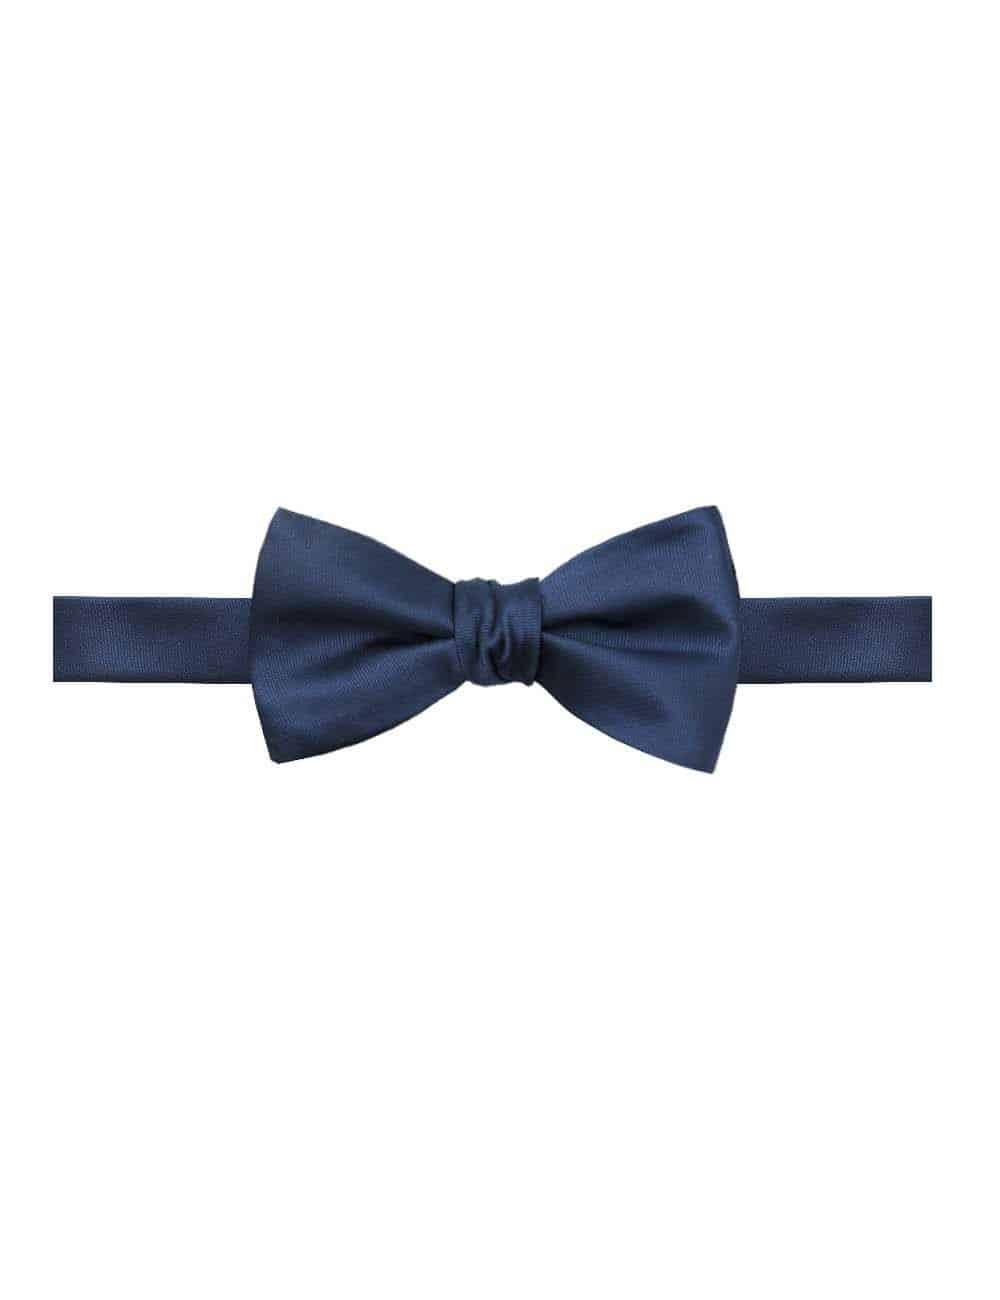 Solid Midnight Blue Woven Bowtie WSTBT2.11